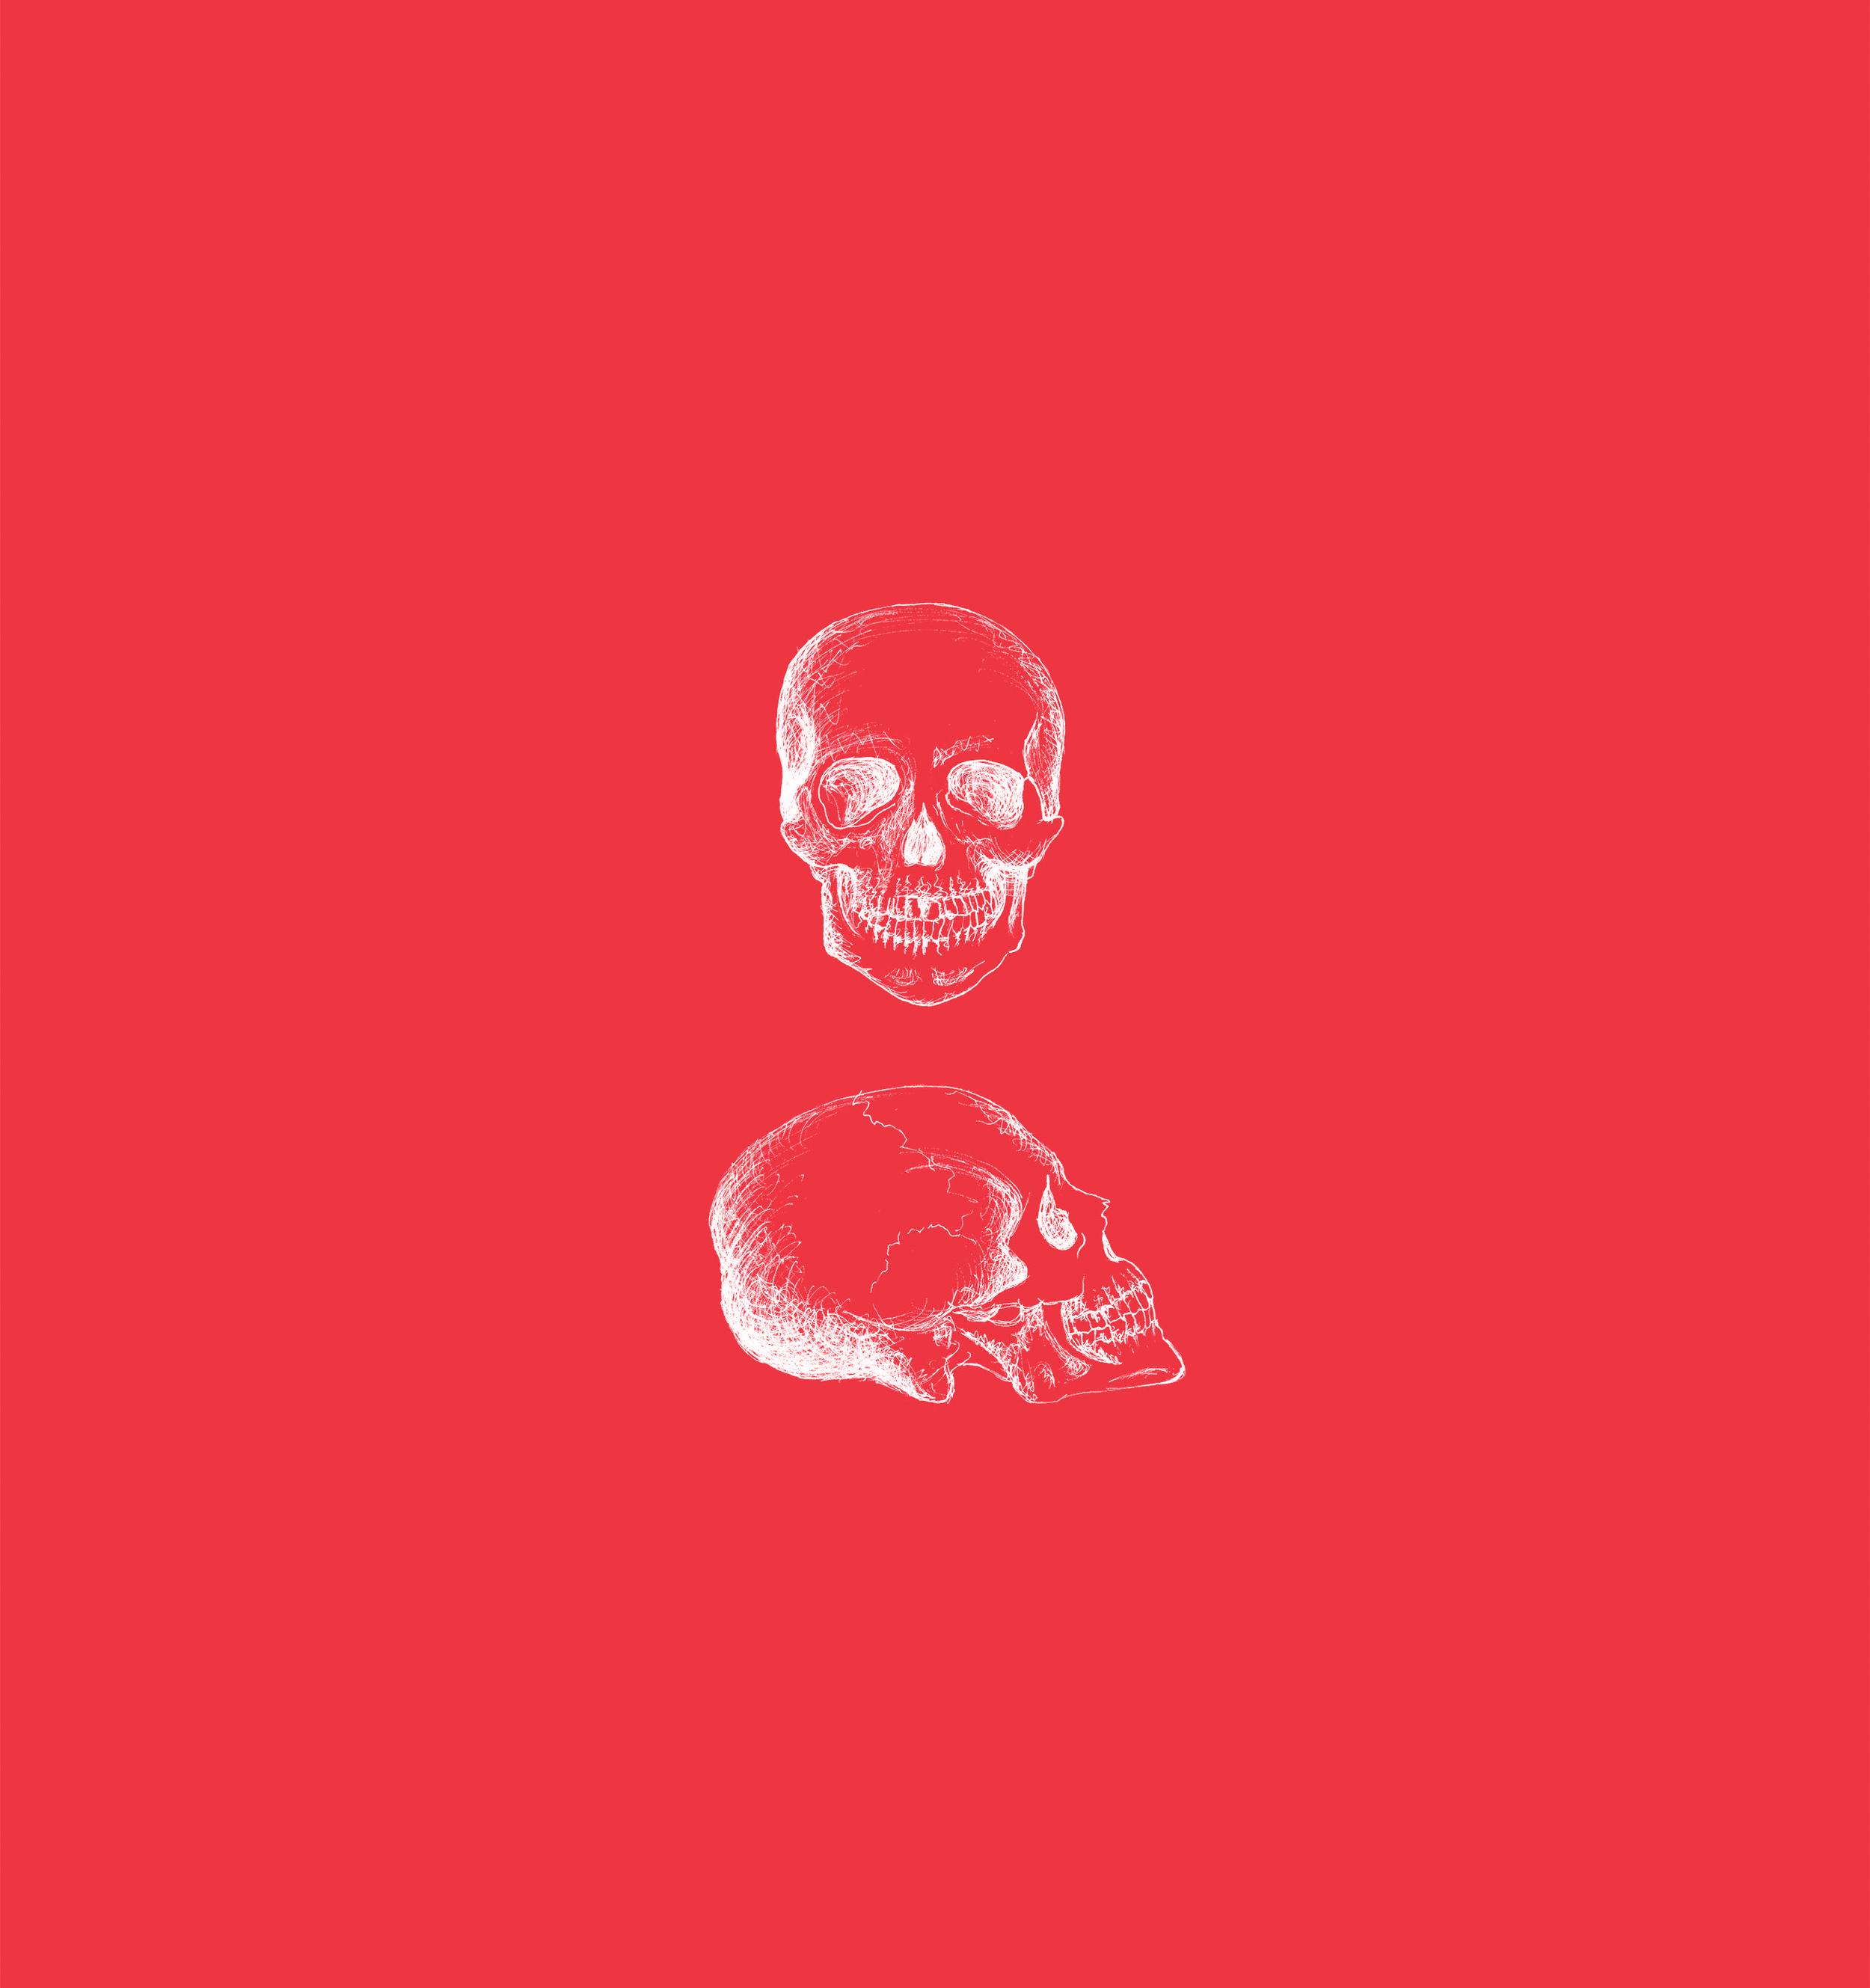 pf_tattoo_skullpink.png